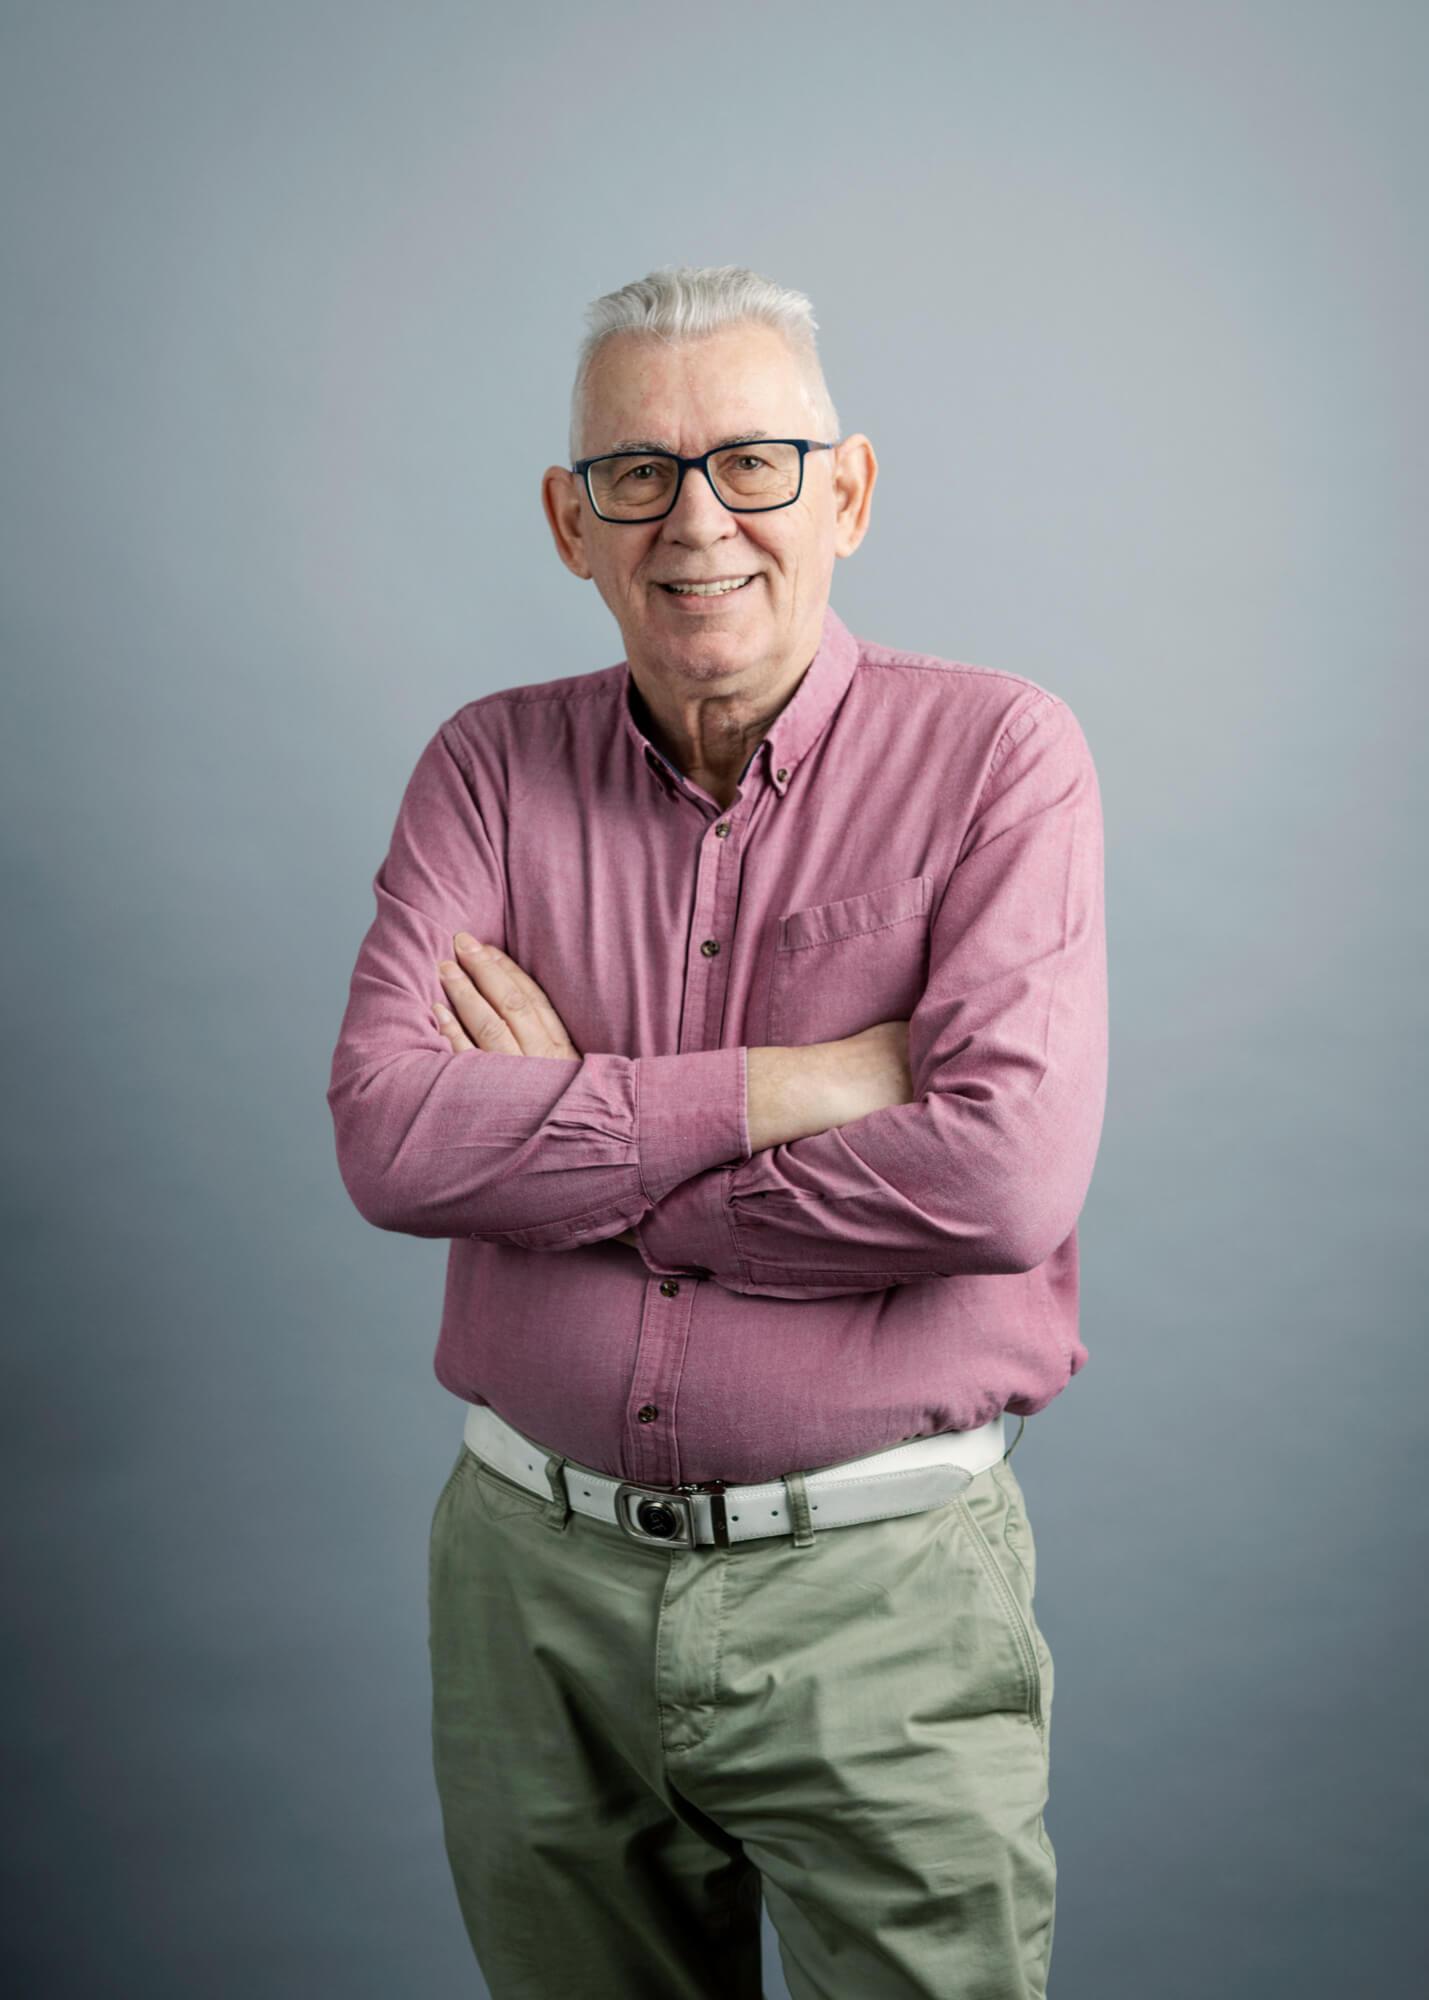 Gerhard Fuchsjäger